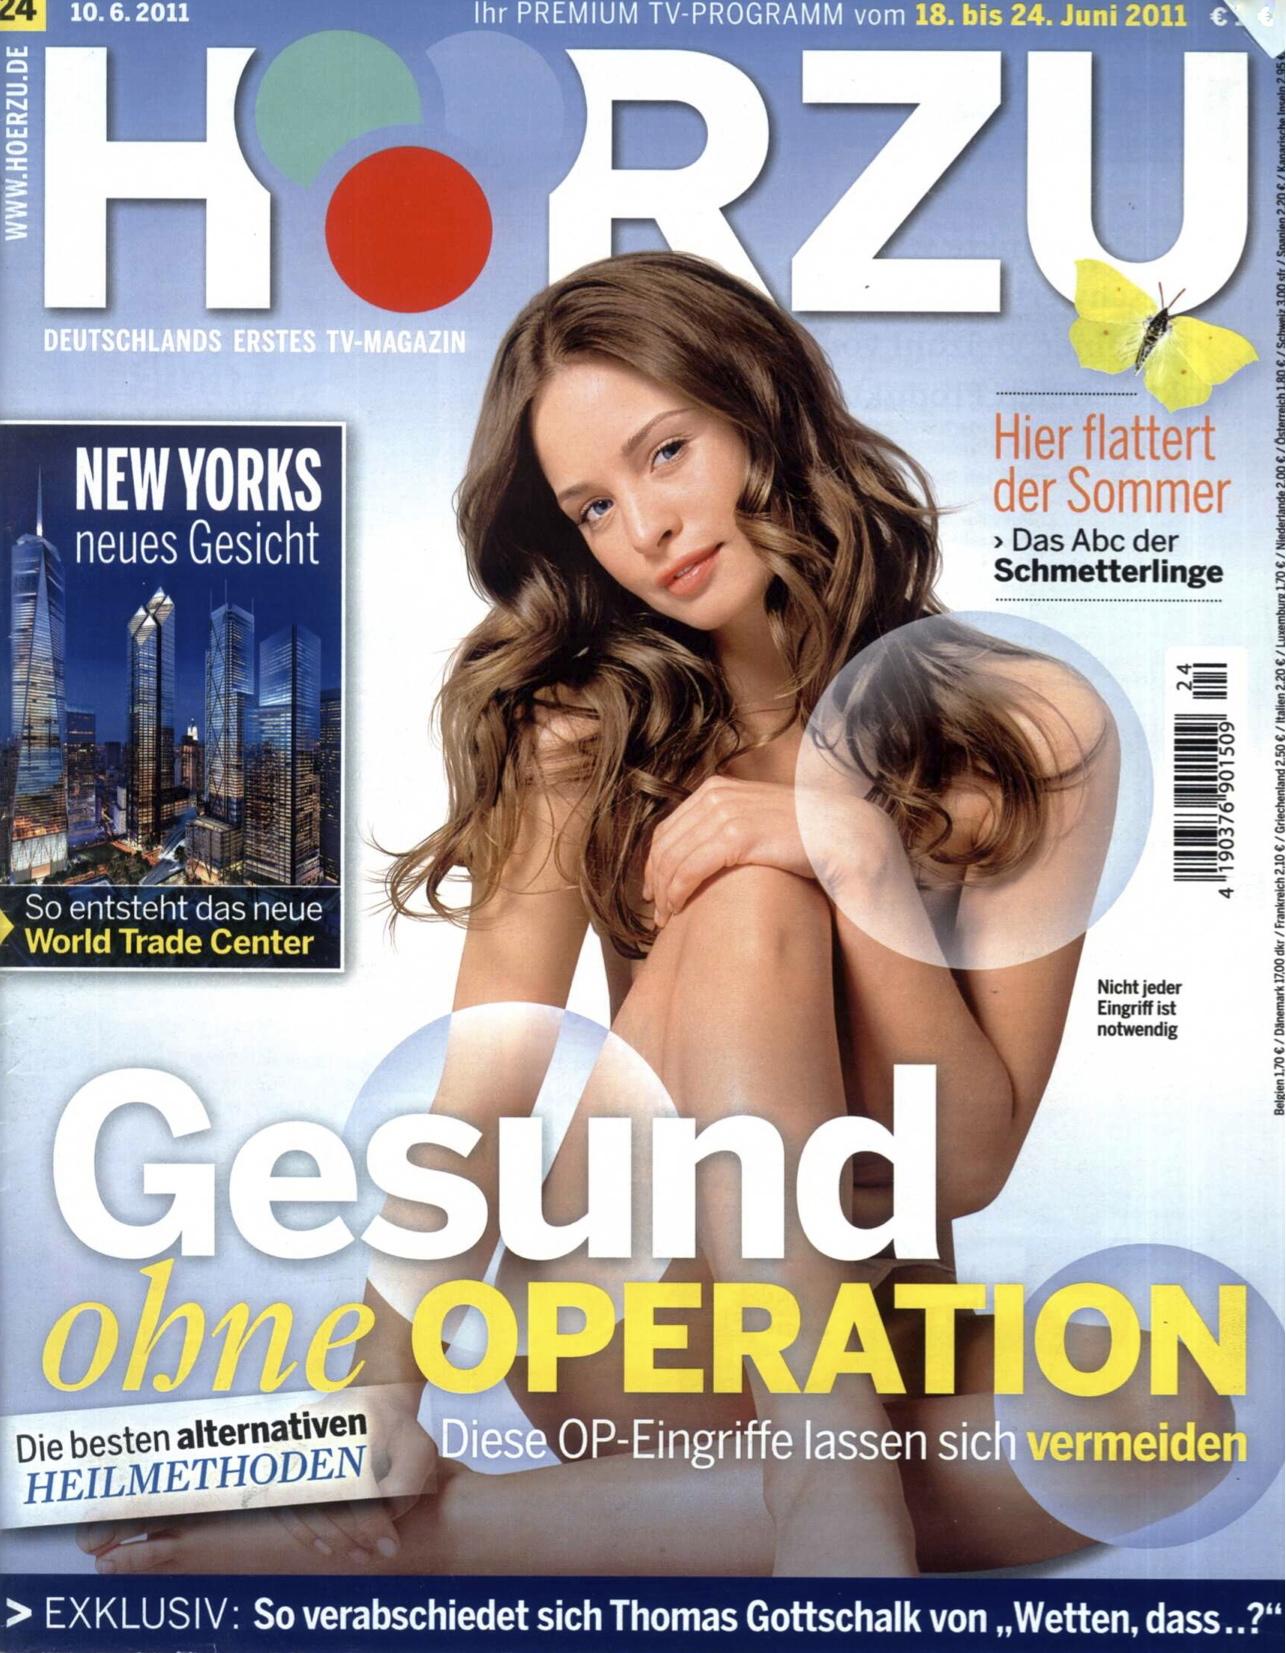 HZ_10.6.2011_Cover.jpg